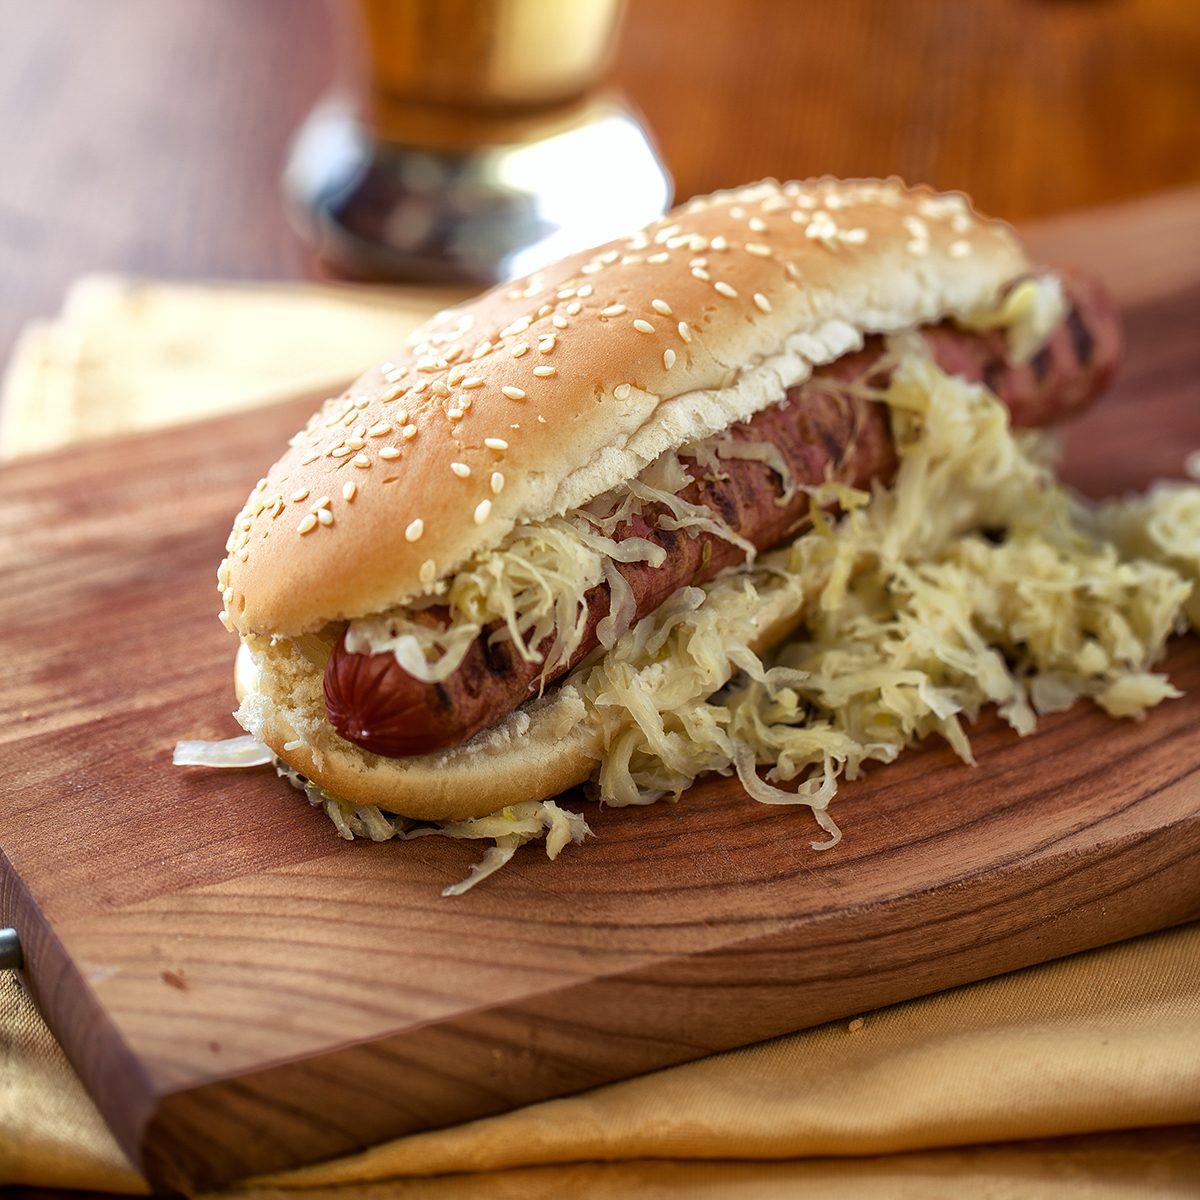 Sandwich with sausage and sauerkraut